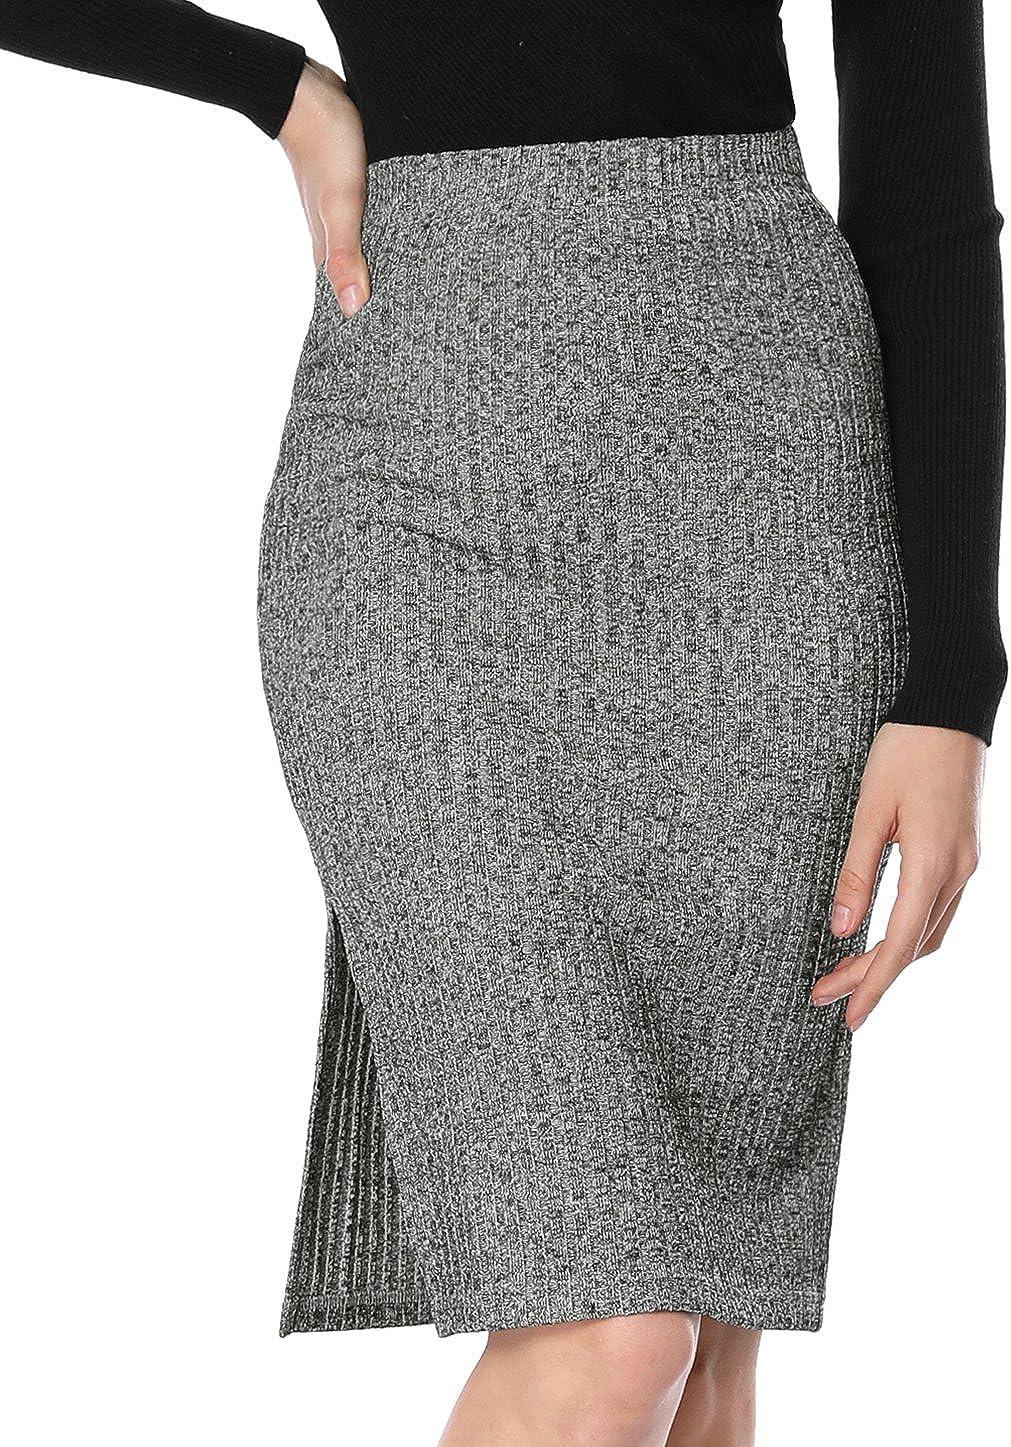 Allegra K Women's Stretchy Ribbed Knit Skirt Knee Length Slit Bodycon Pencil Skirt